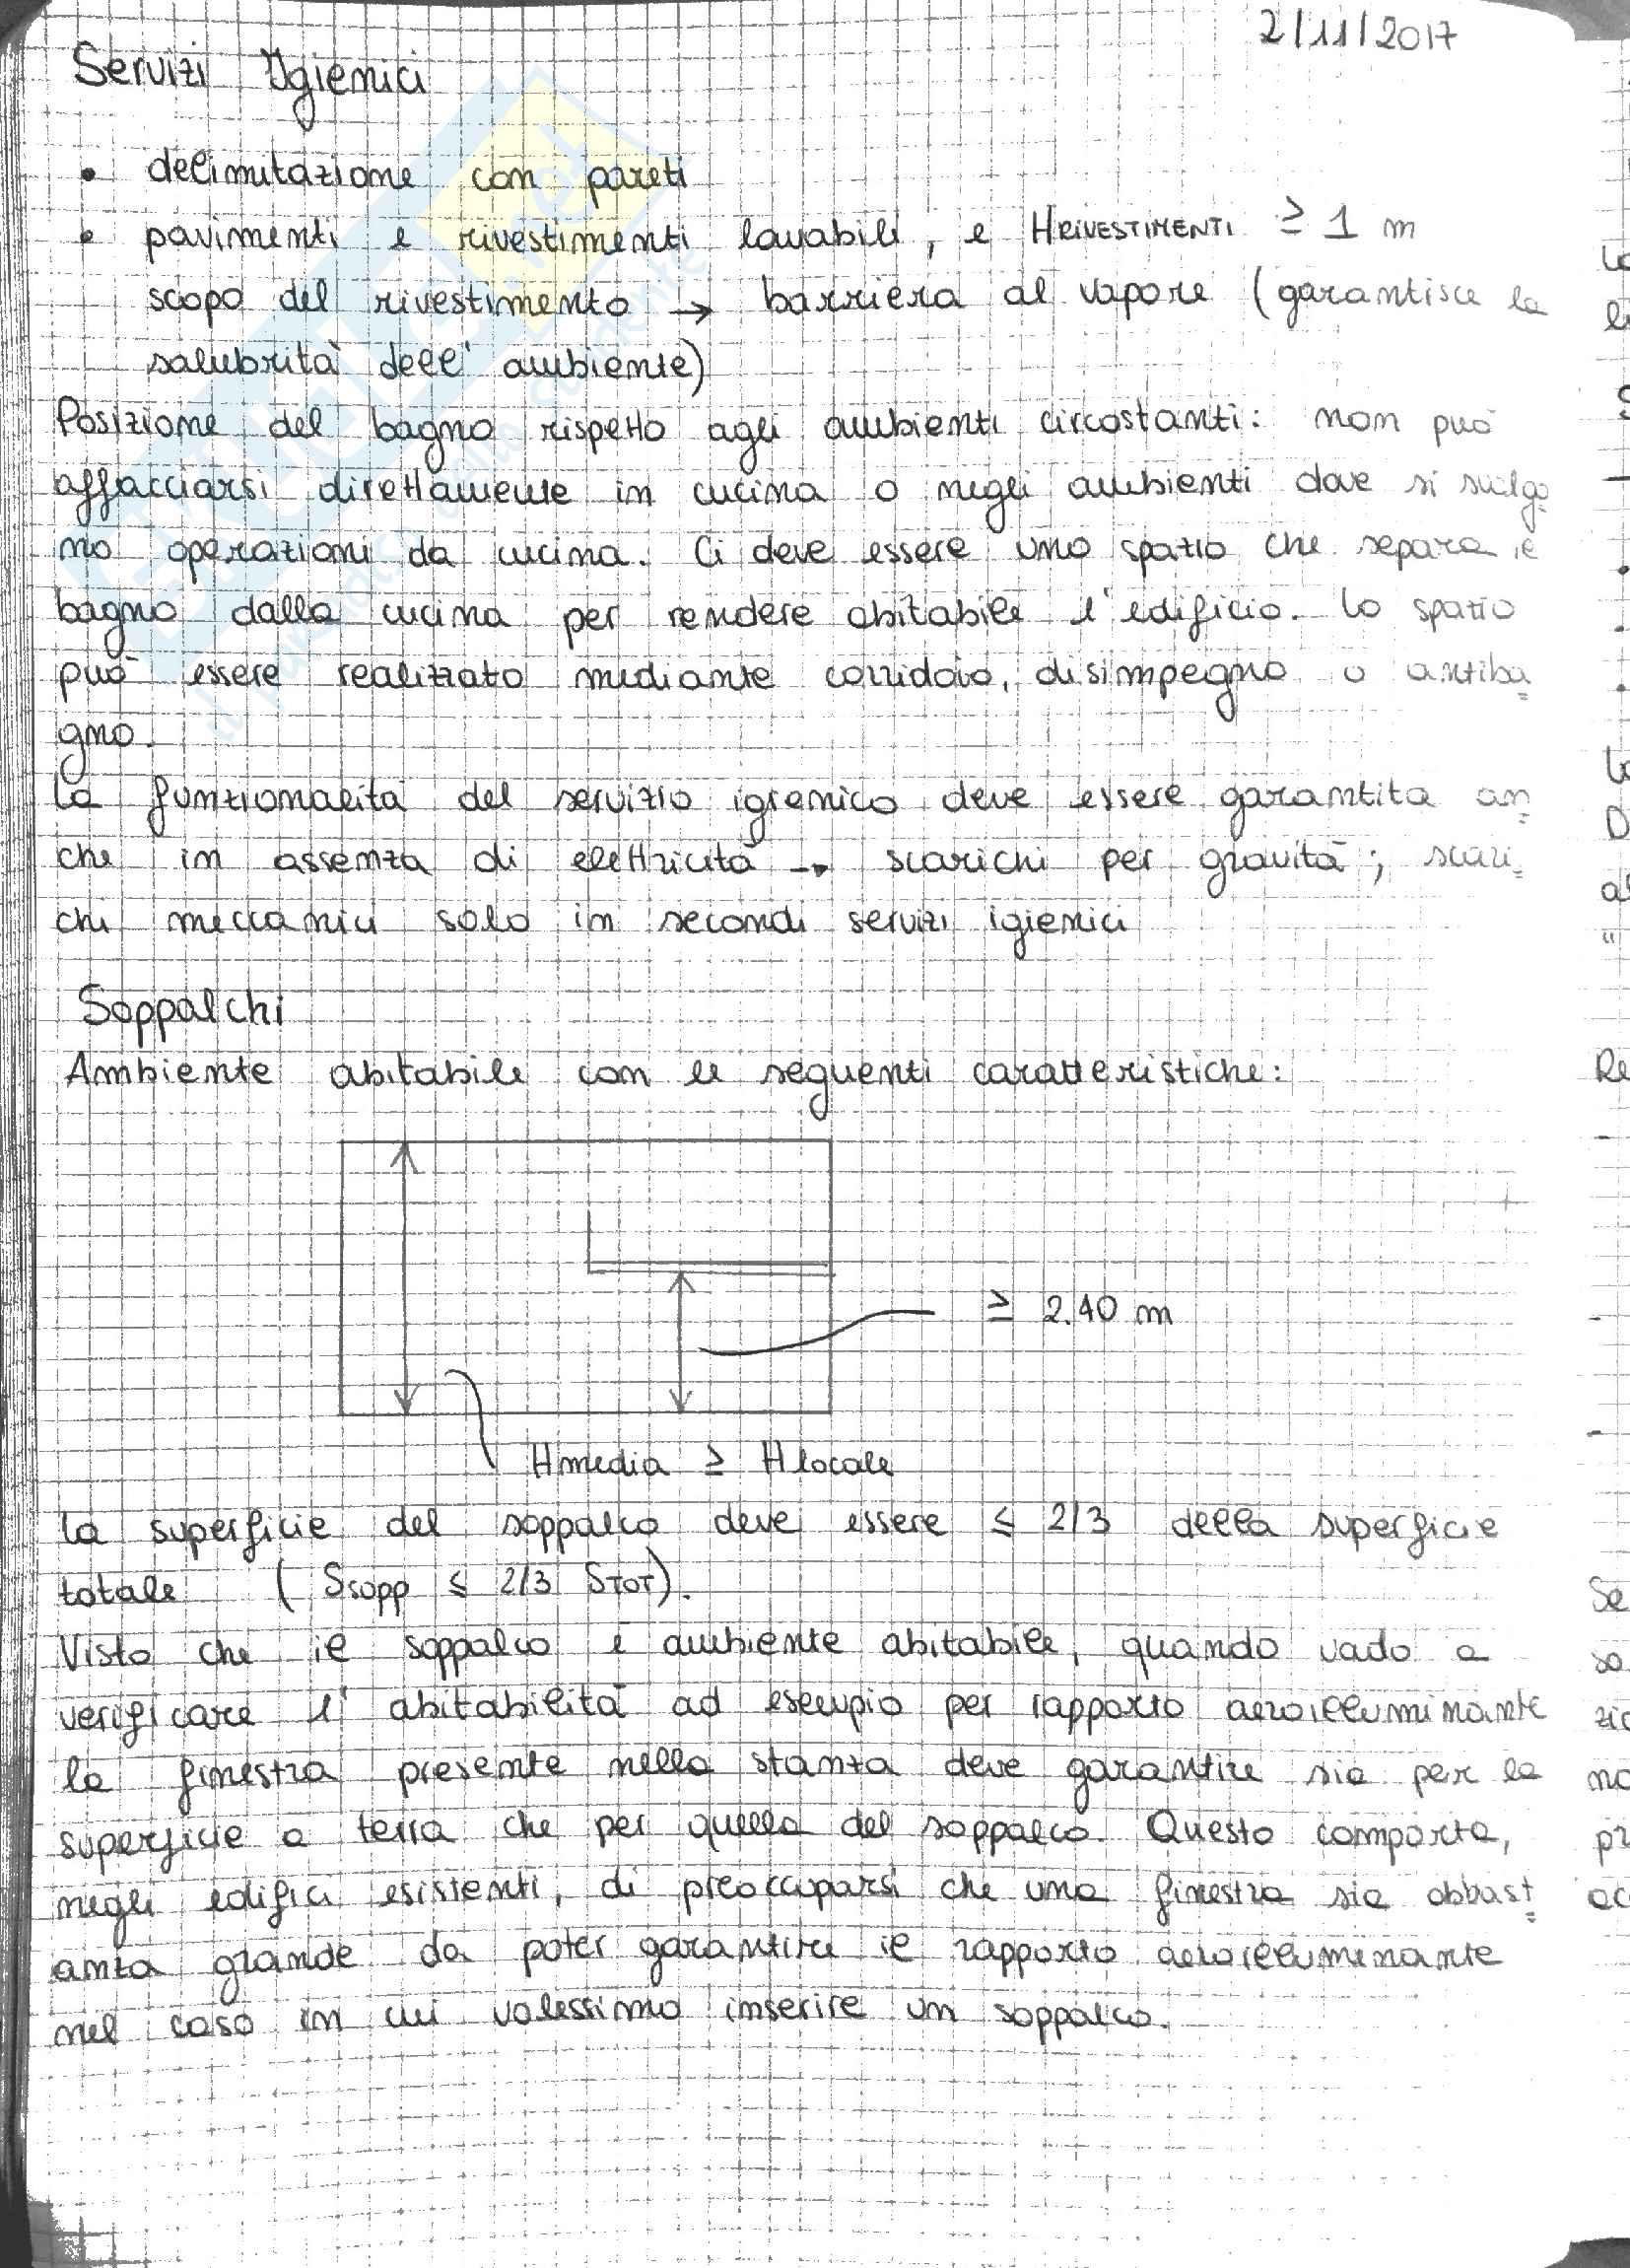 Architettura Tecnica - Appunti Pag. 21